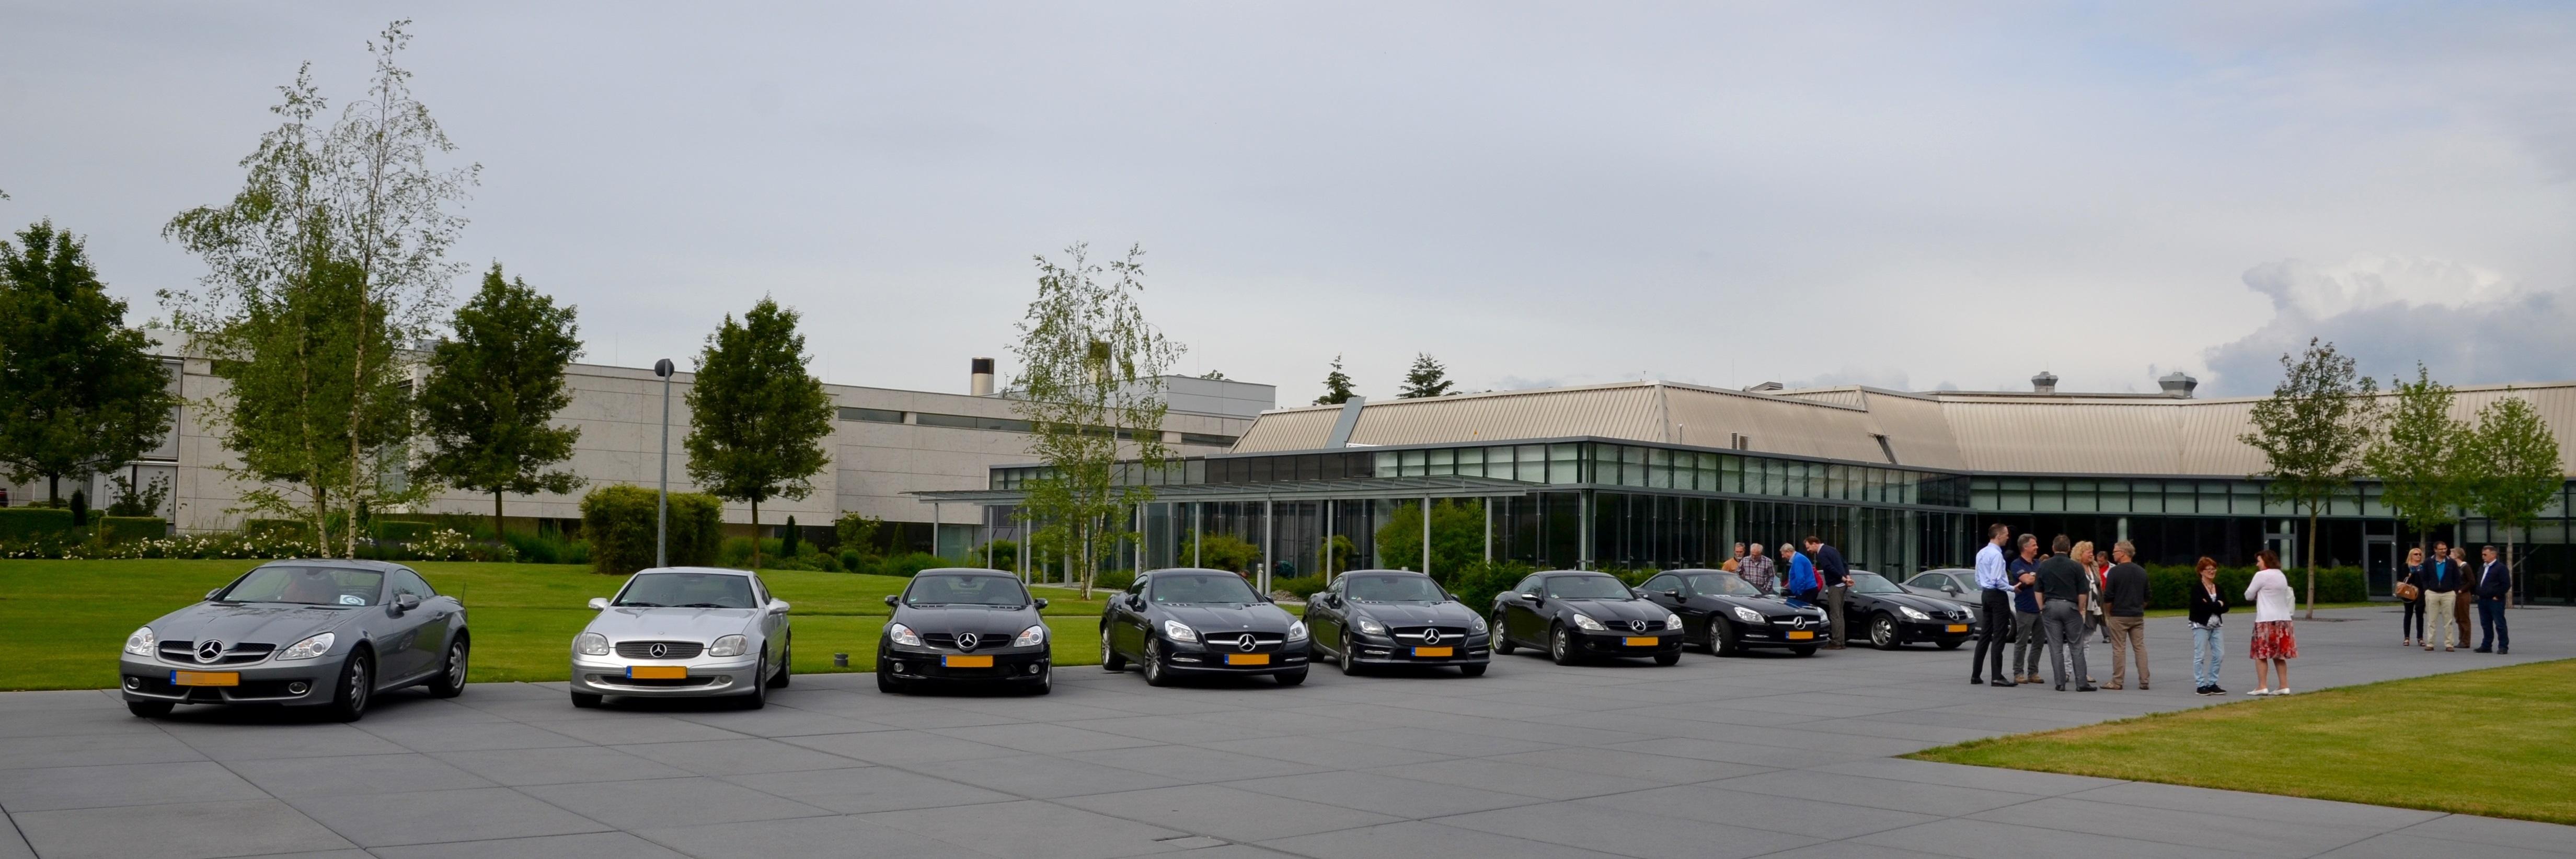 Mb slk club nederland for Mercedes benz club